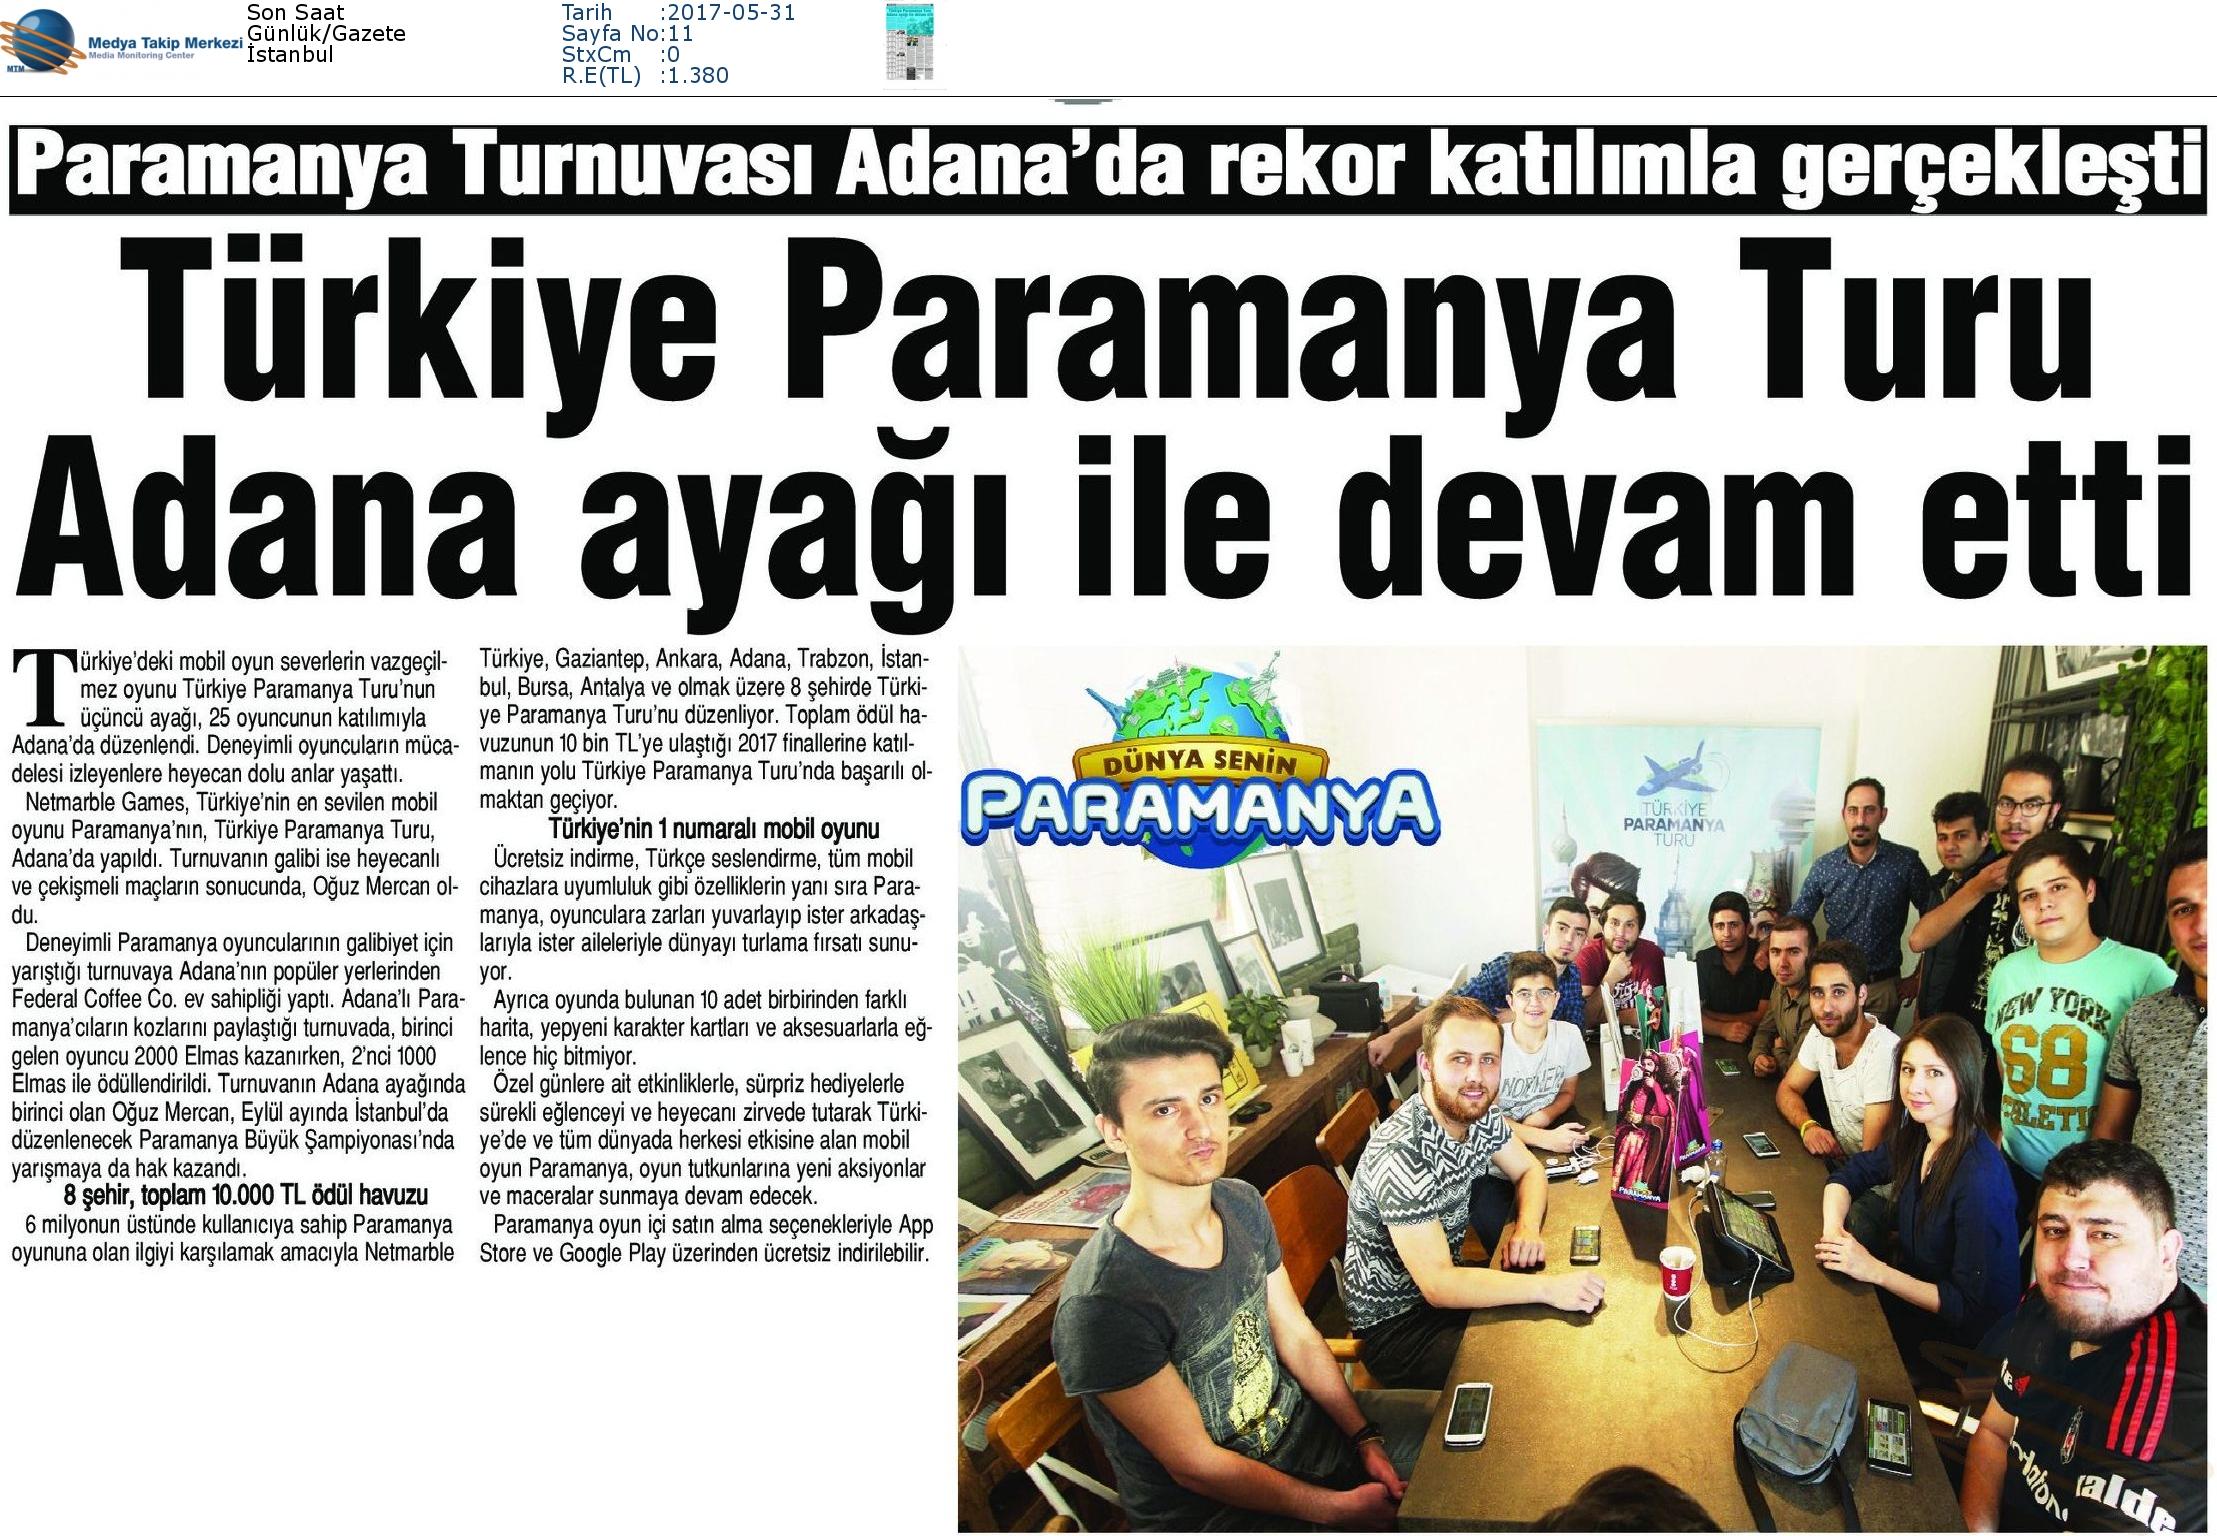 Son_Saat-TÜRKİYE_PARAMANYA_TURU_ADANA_AYAĞI_İLE_DEVAM_ETTİ-31.05.2017